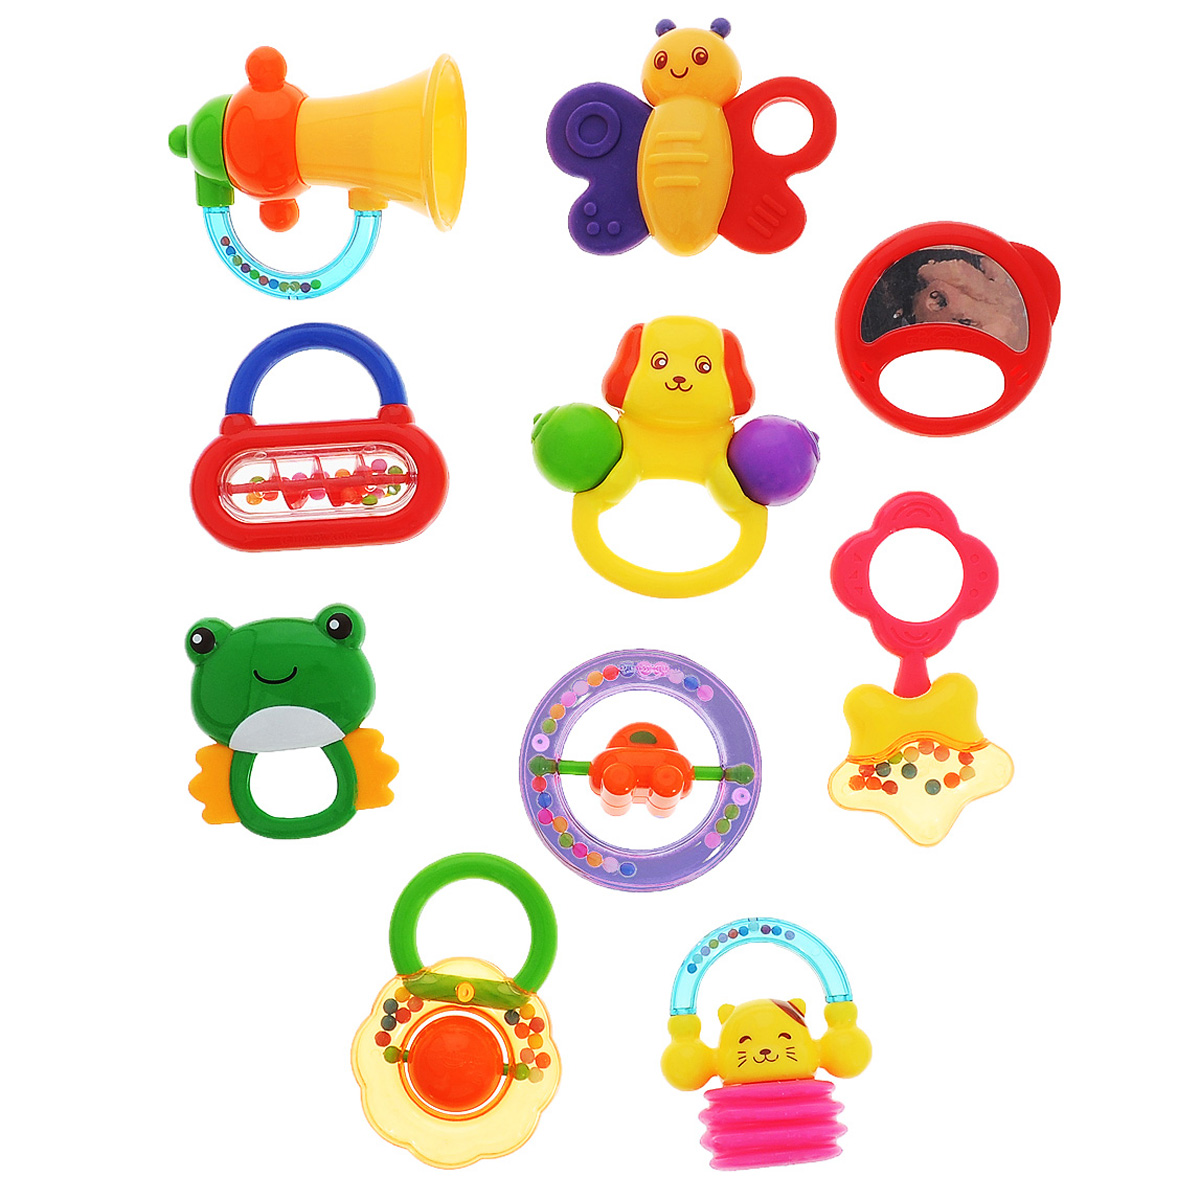 Набор игрушек-погремушек Малышарики, 10 шт малышарики выпуск 1